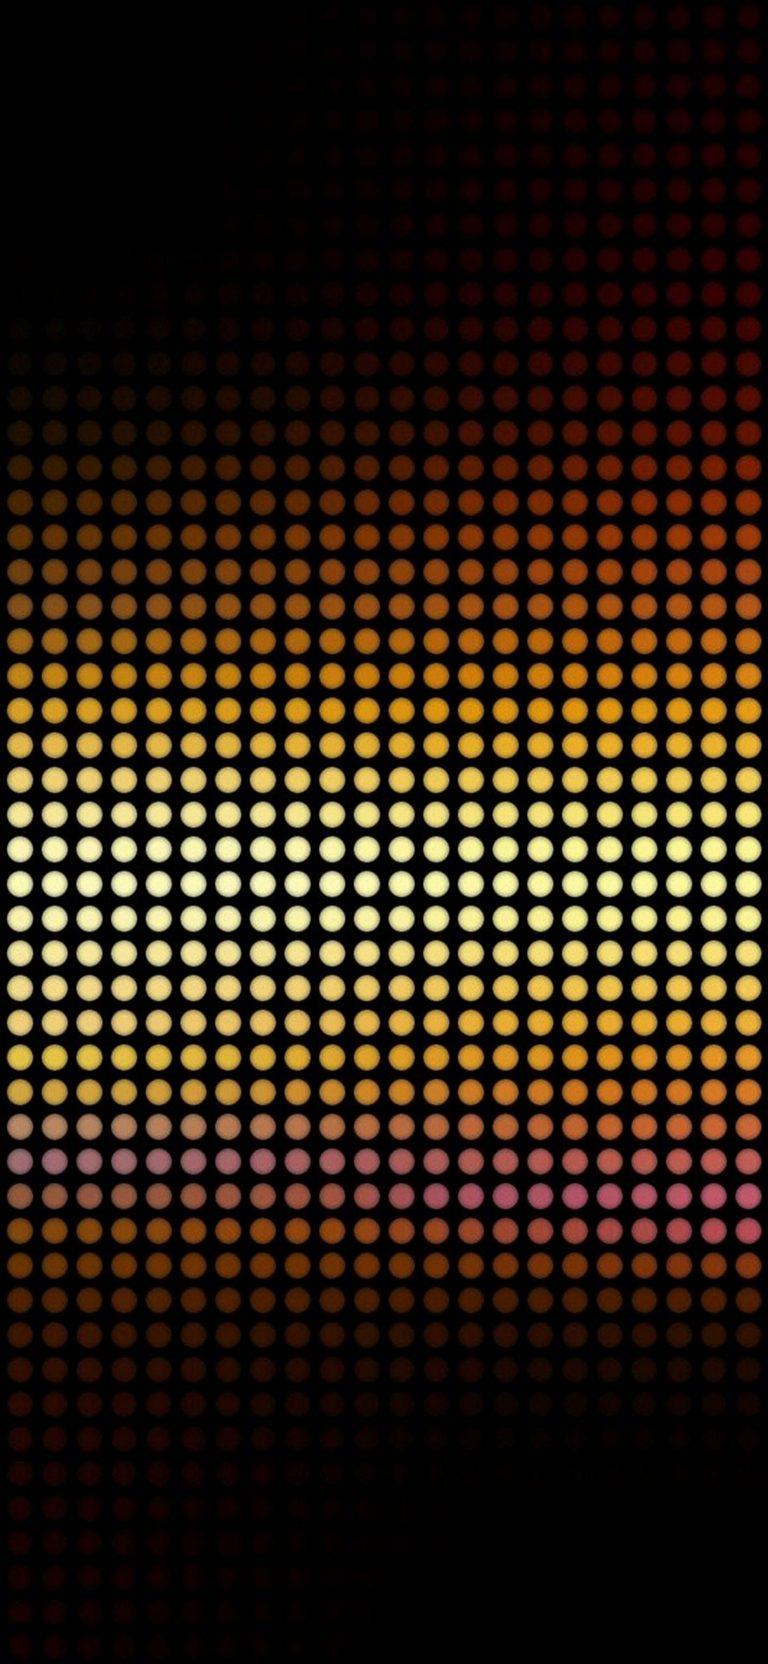 1440x3120 Wallpaper 014 768x1664